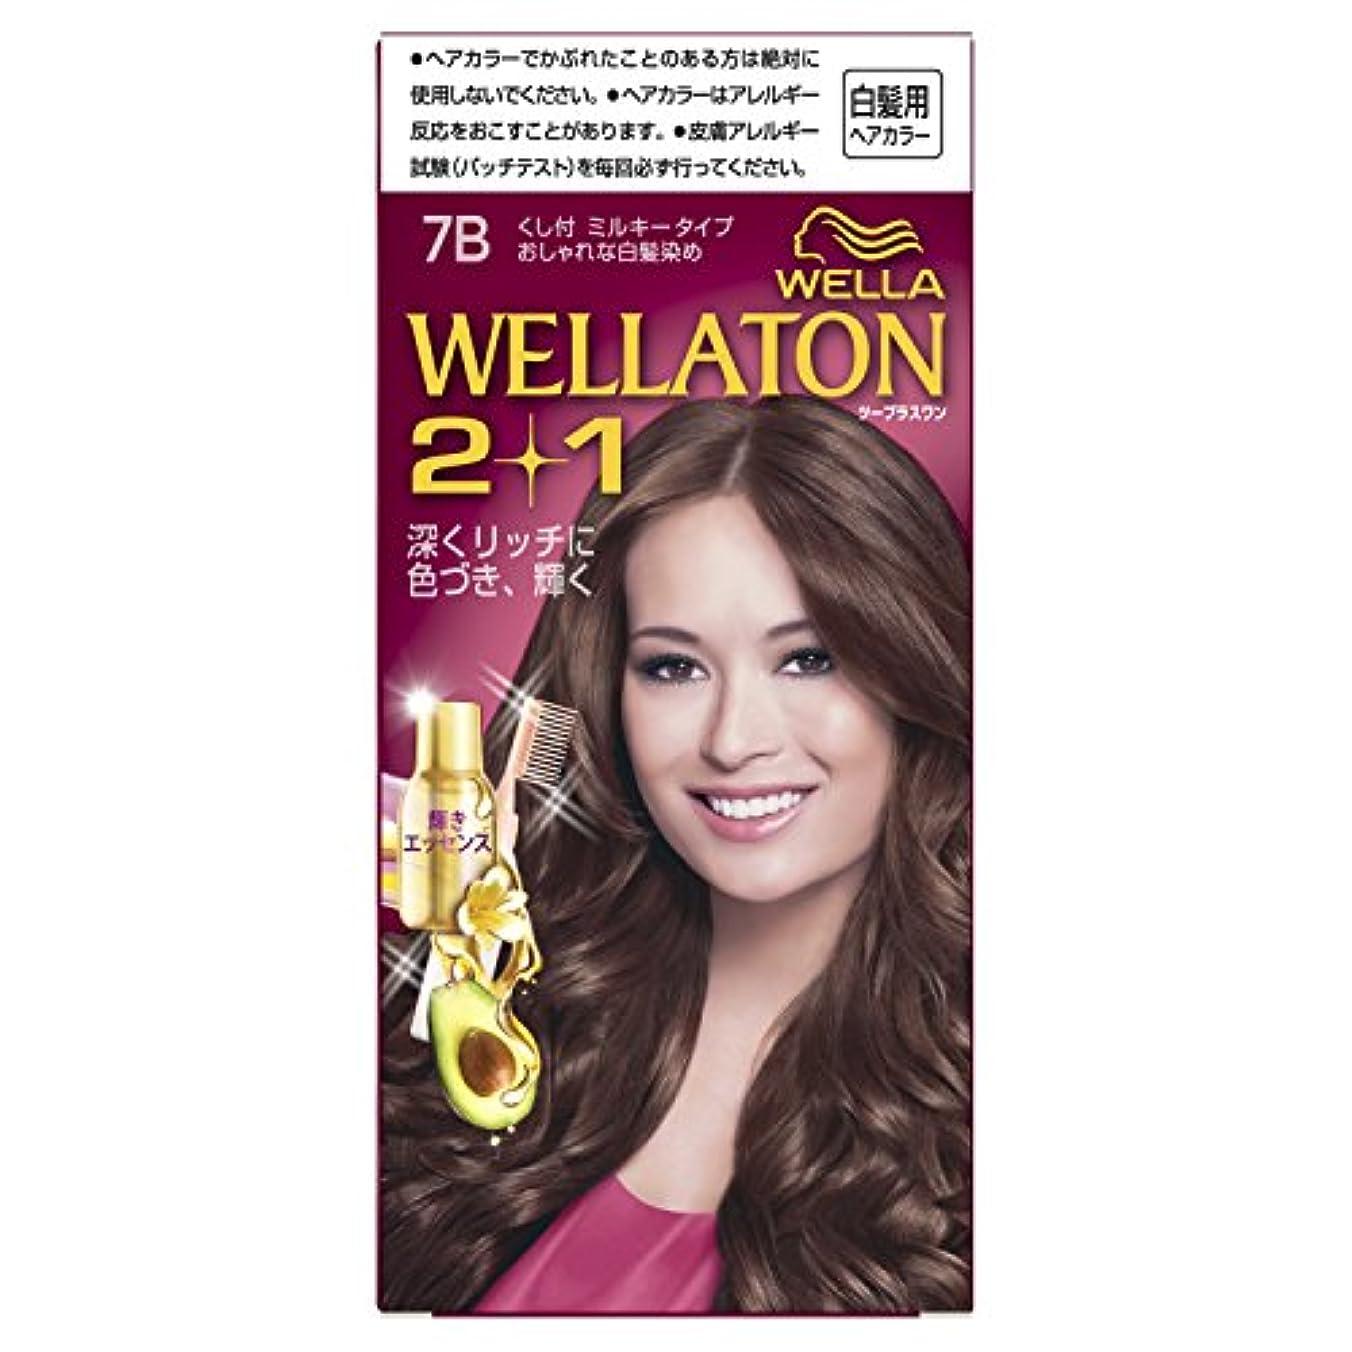 褐色完全に乾く重要ウエラトーン2+1 くし付ミルキータイプ 7B [医薬部外品](おしゃれな白髪染め)